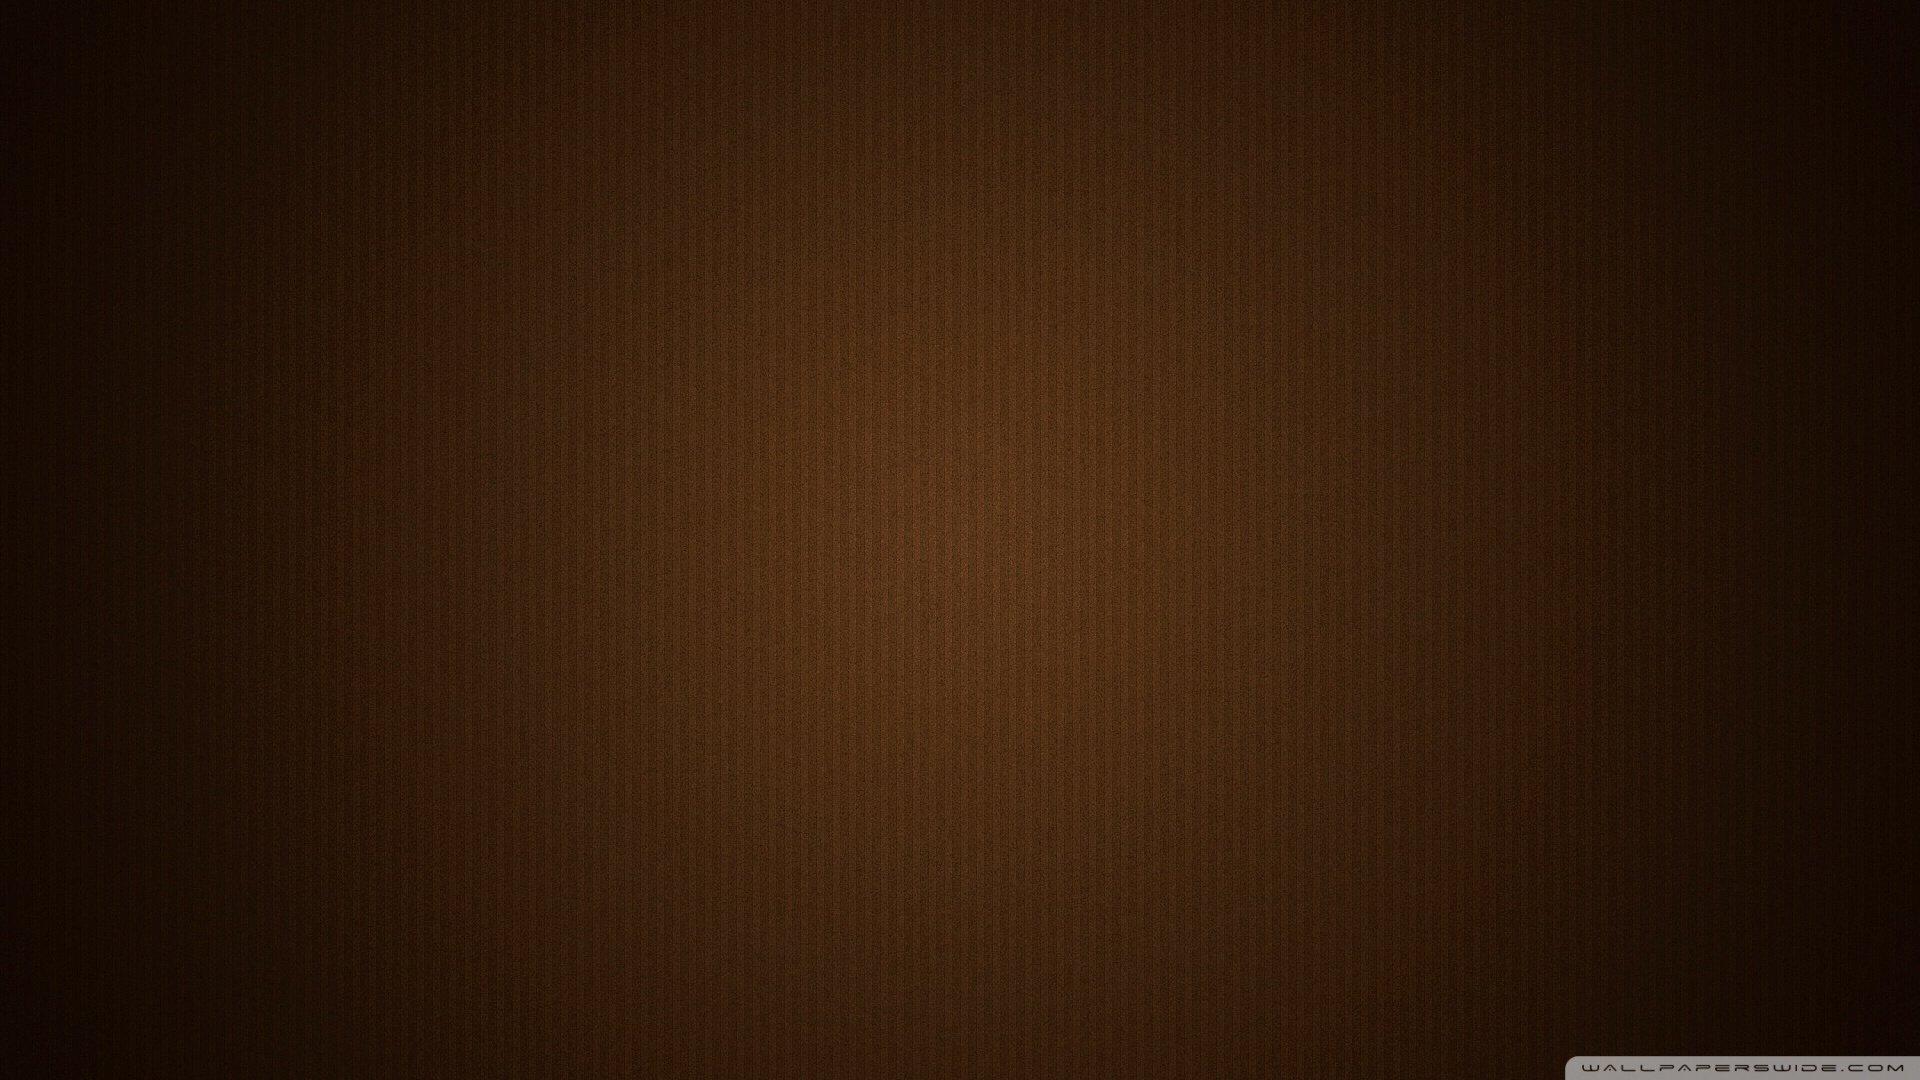 Dark brown wallpaper wallpapersafari for Brown wallpaper for walls